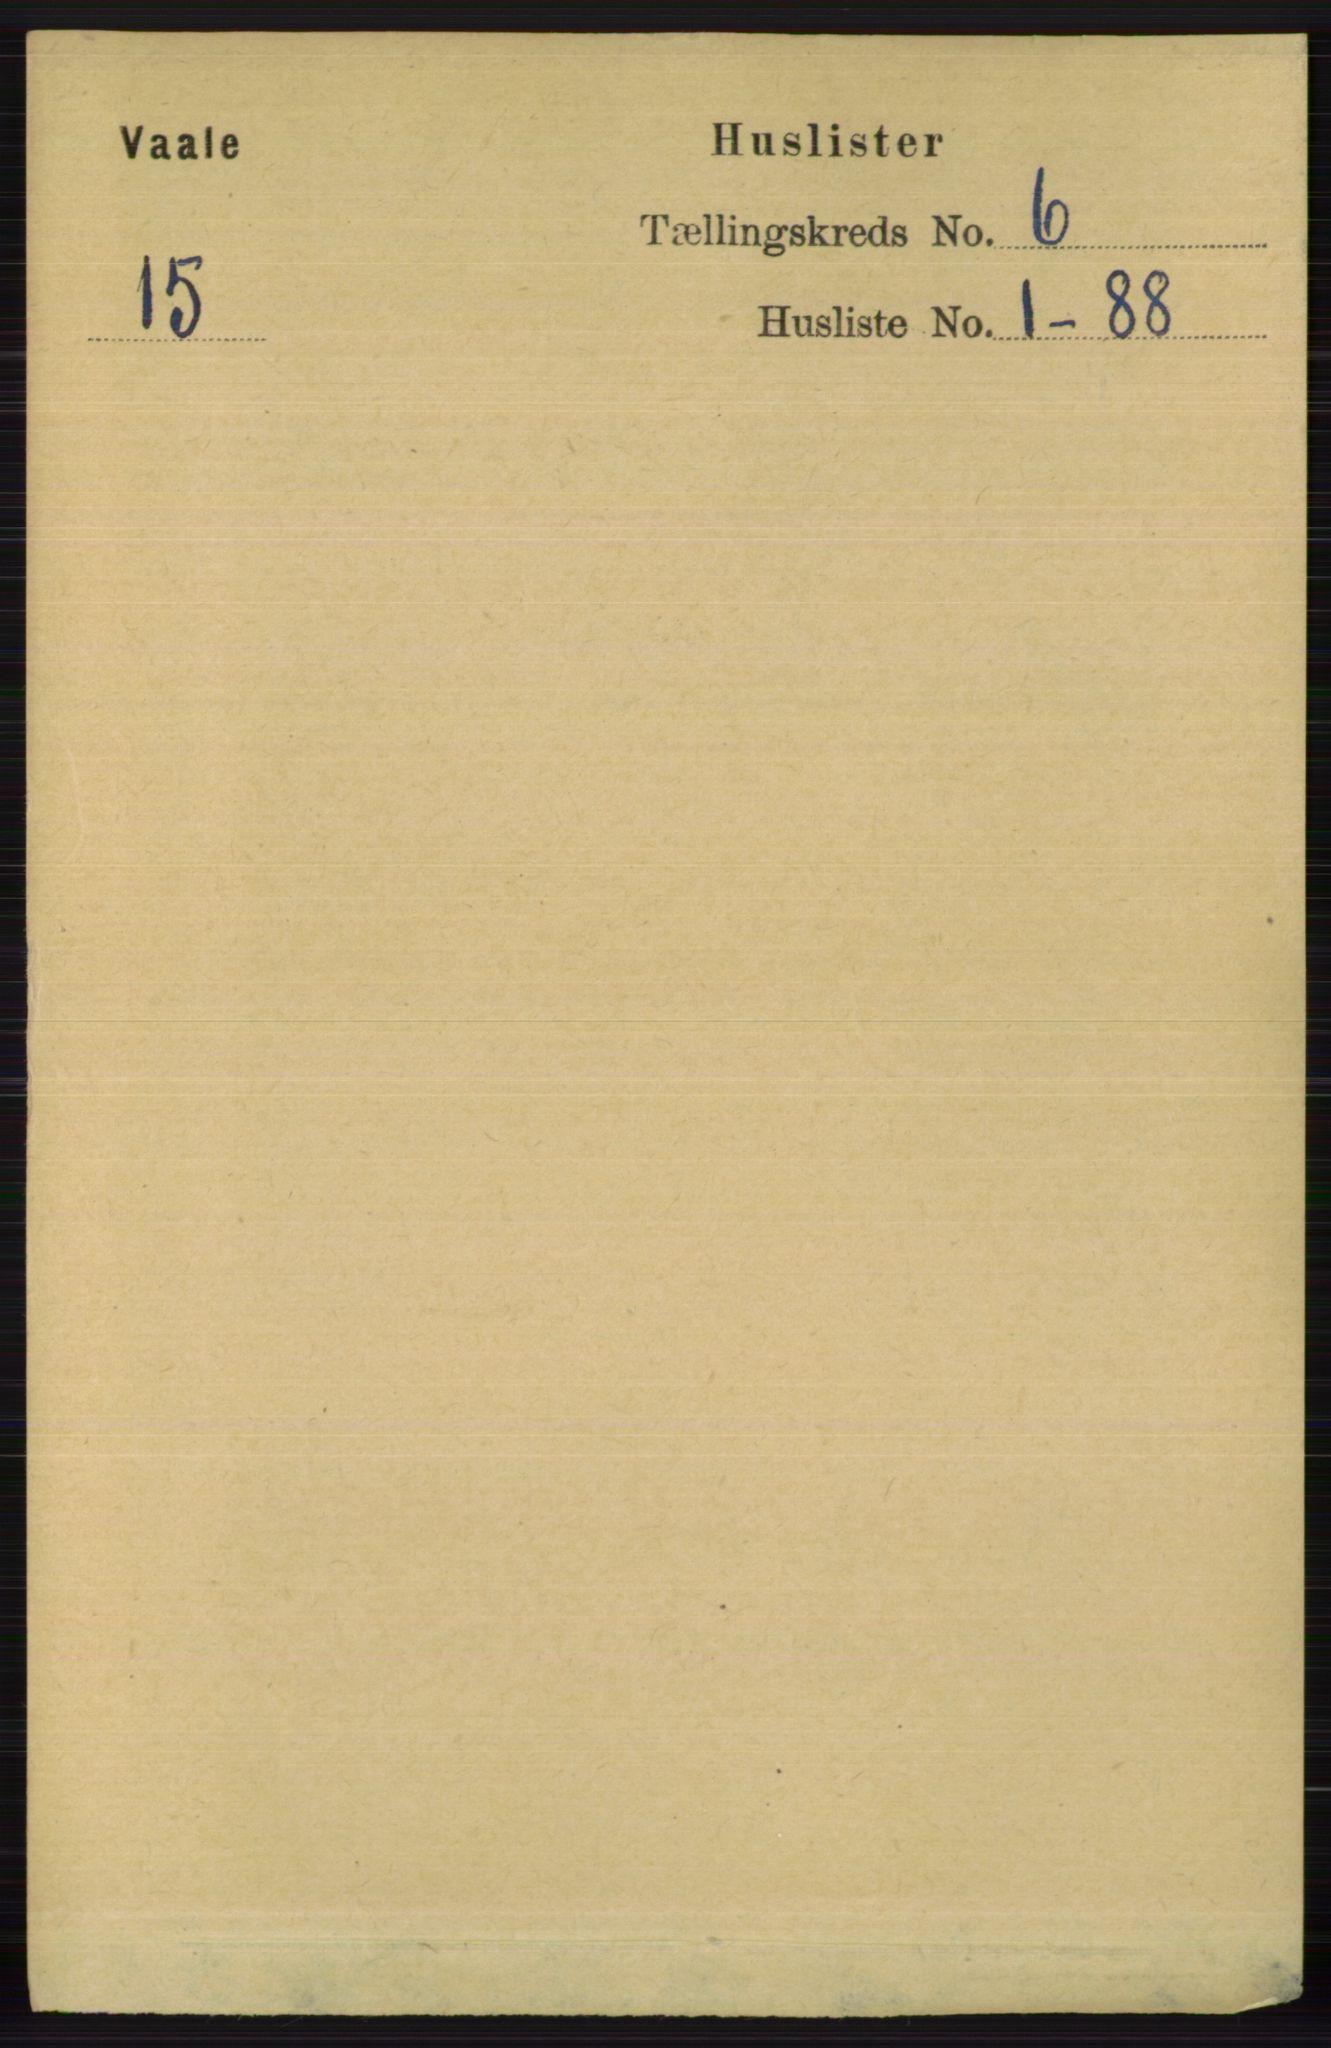 RA, Folketelling 1891 for 0716 Våle herred, 1891, s. 1686